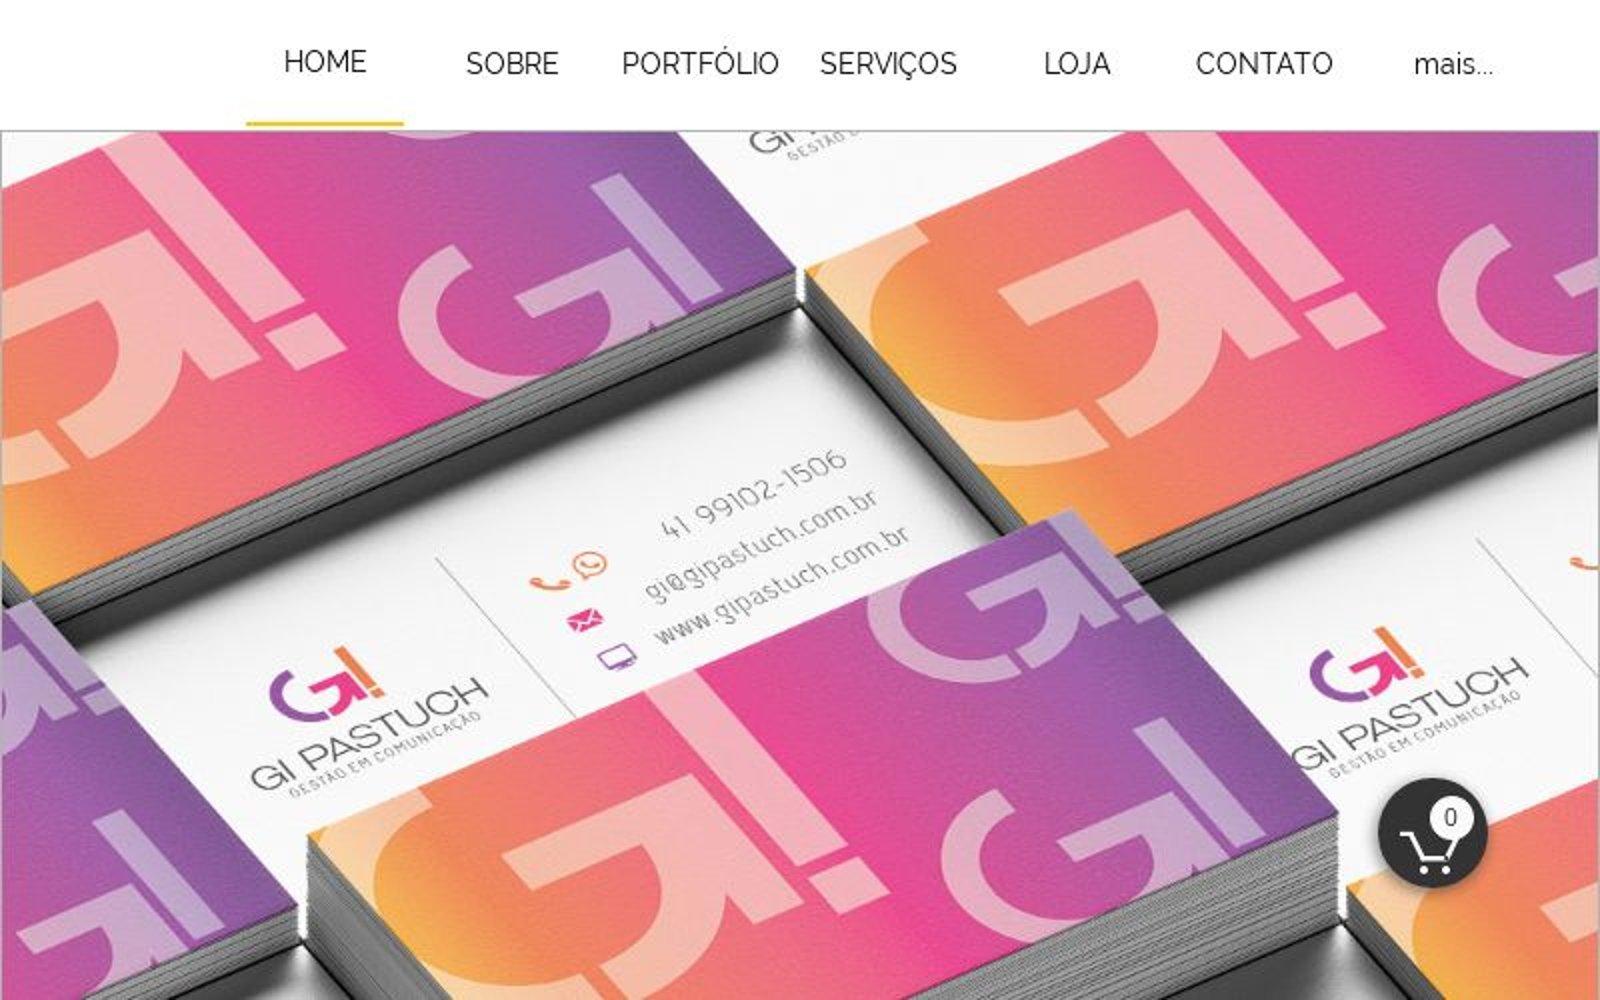 (c) Ciadalogo.com.br